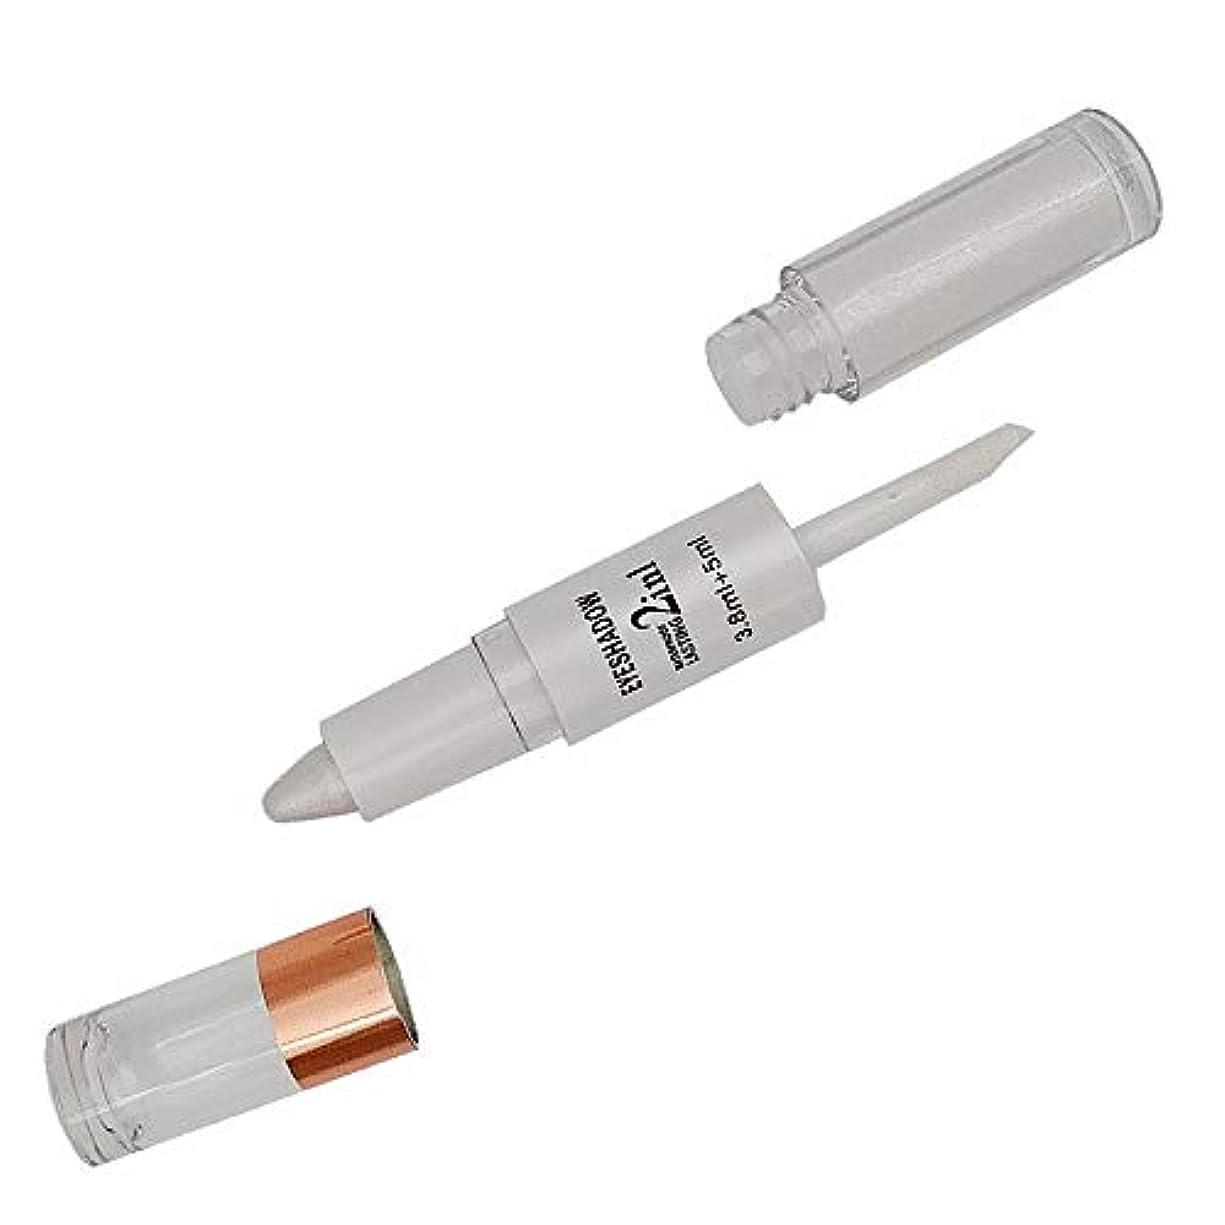 ベーコンタンカーアラブ黒3in1化粧アイライナーリキッドアイライナーペン鉛筆化粧品防水